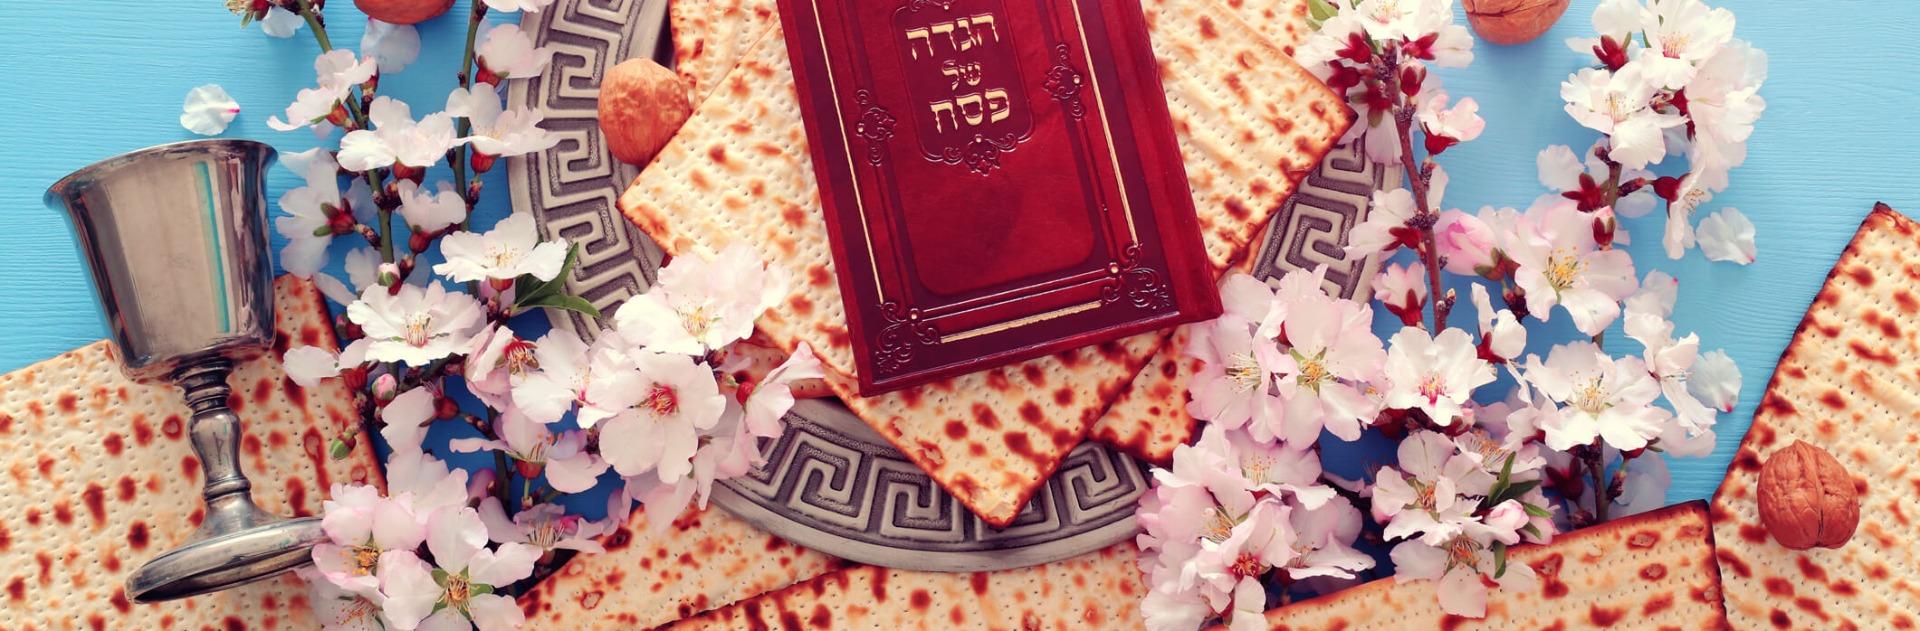 Passover Gift Baskets Avon